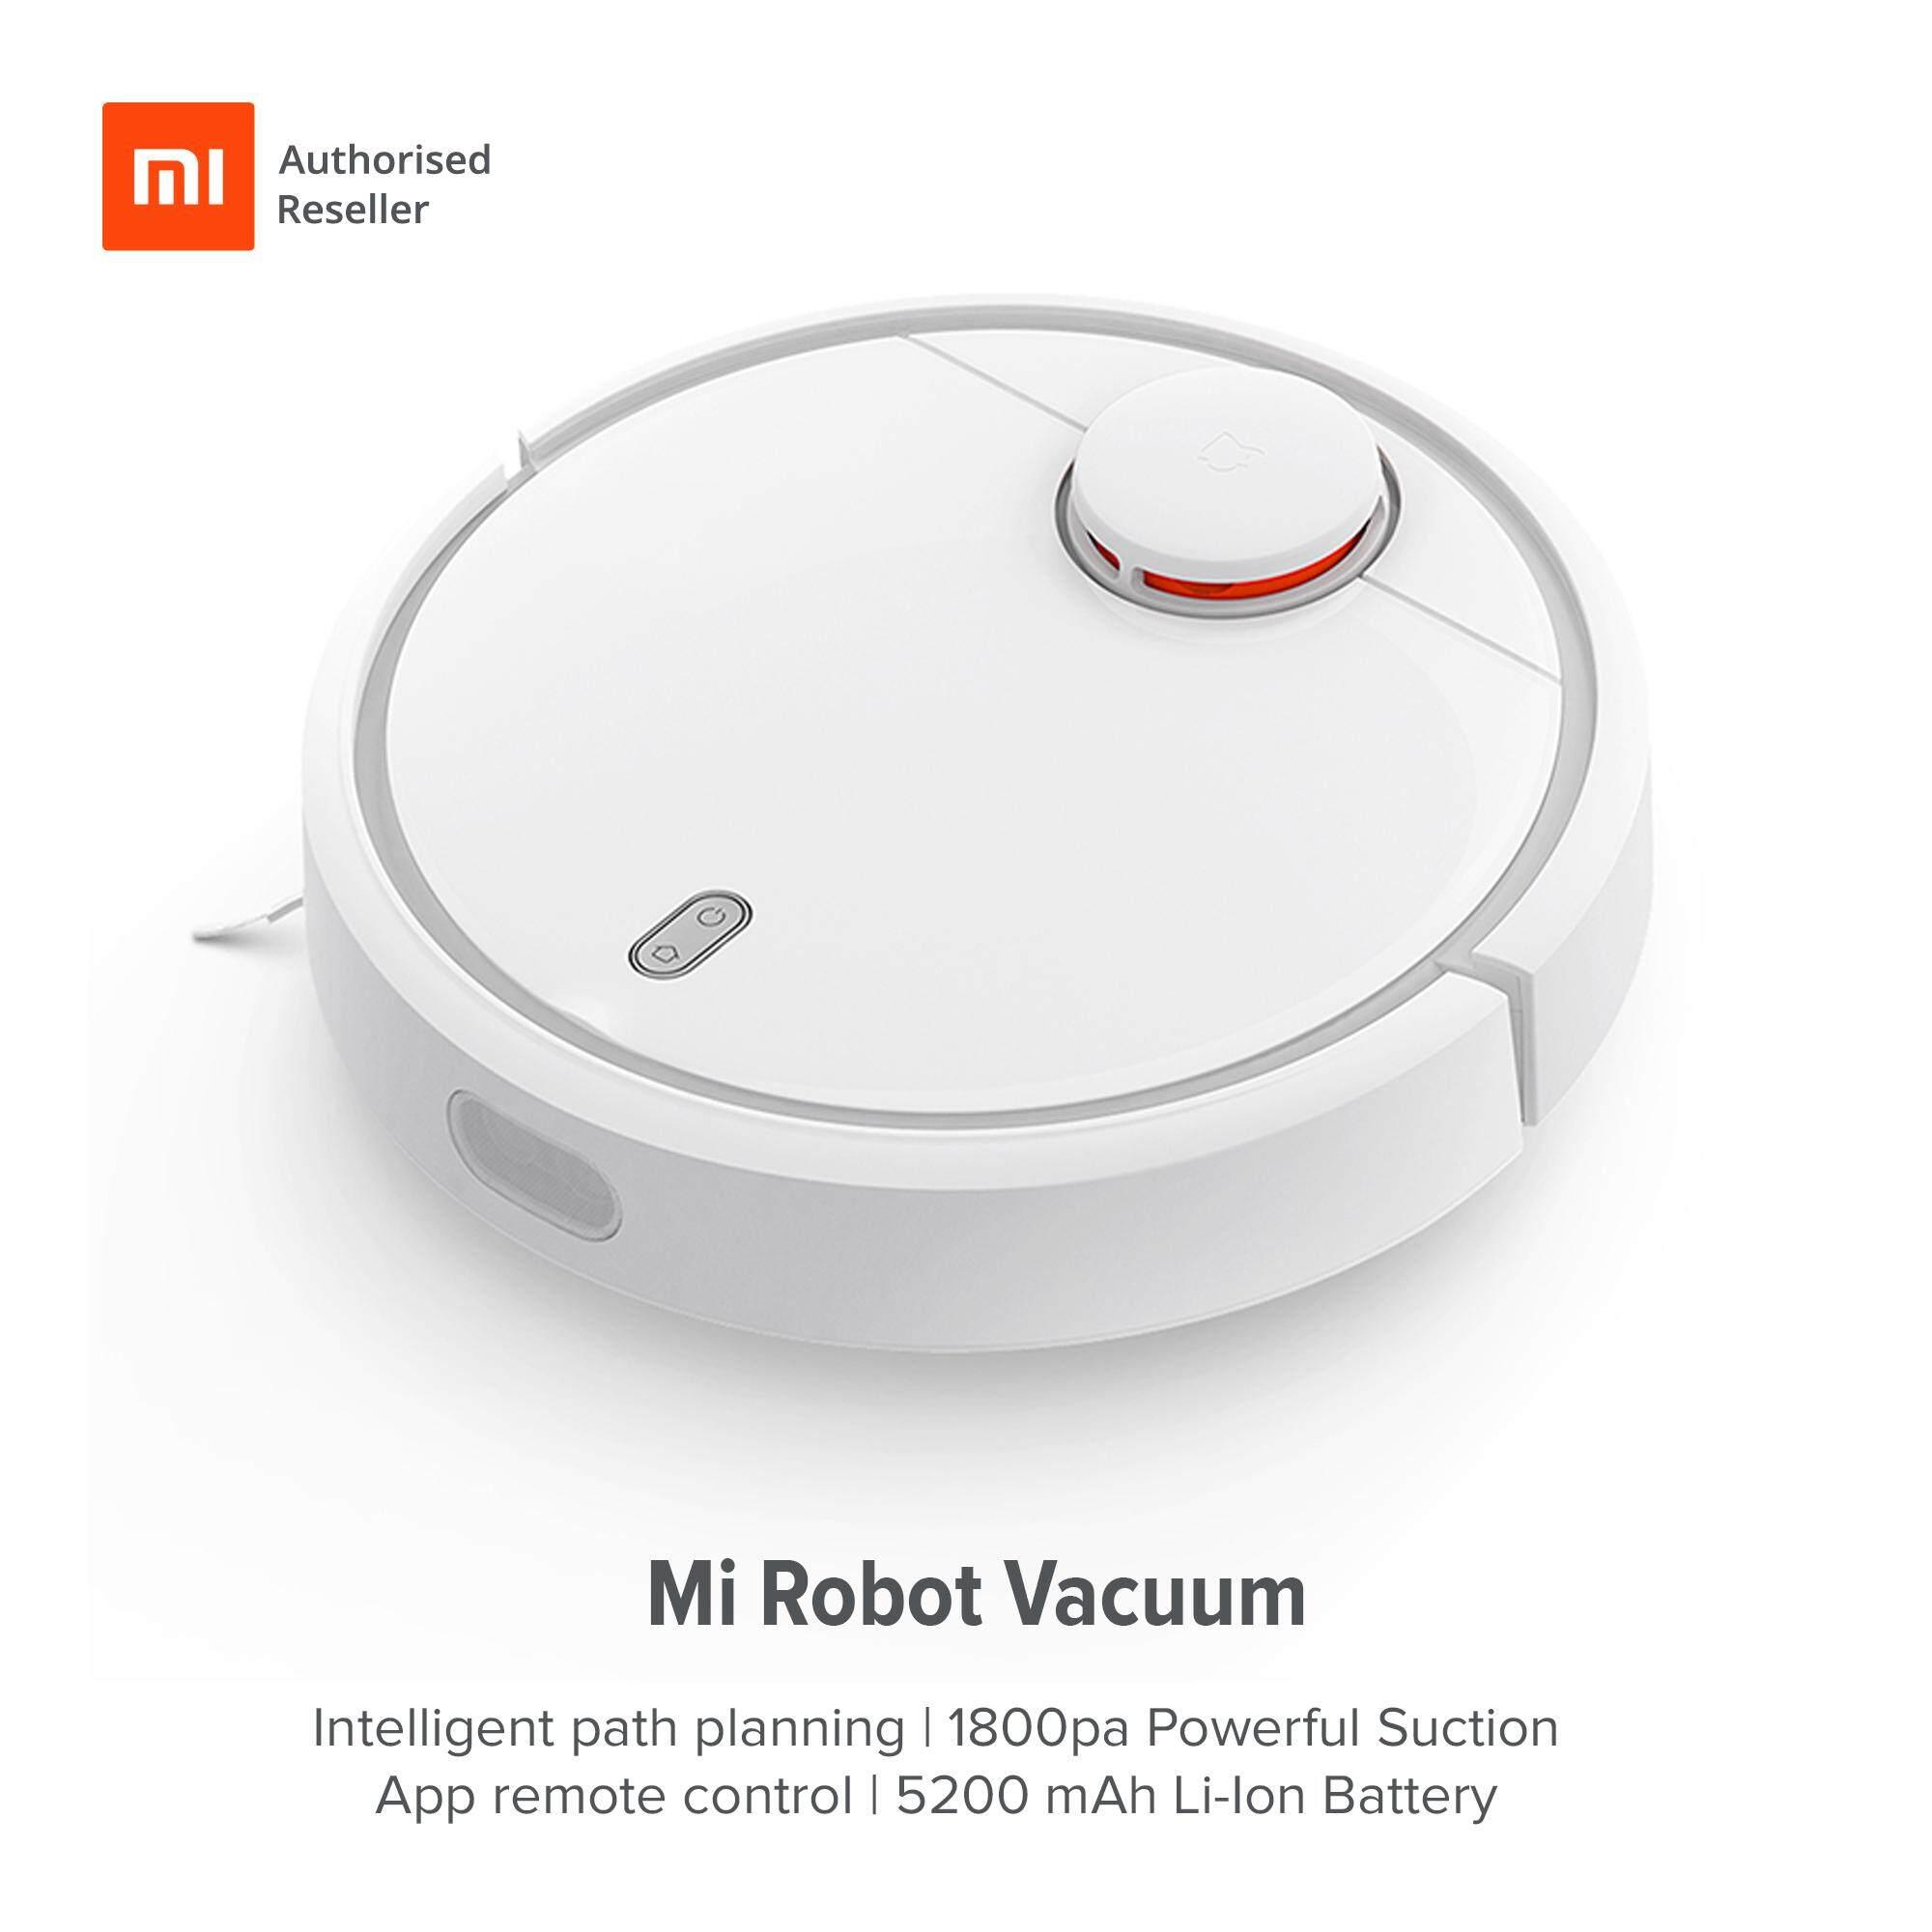 สั่งซื้อ  Mi Robot Vacuum ทนที่สุด